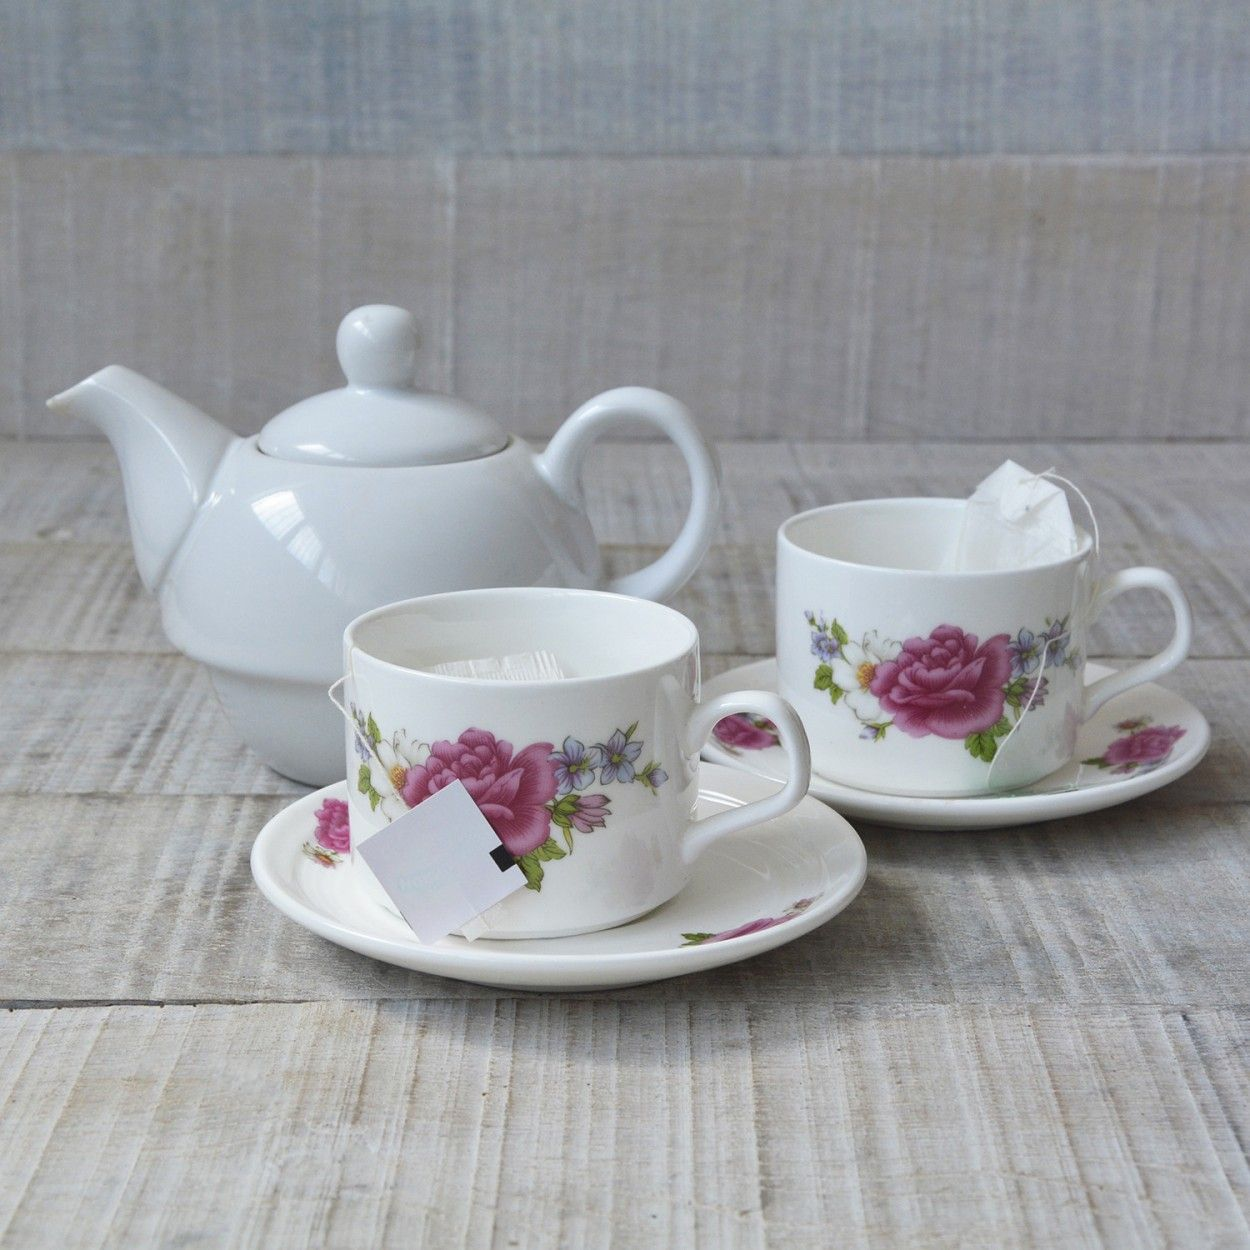 Juego de 6 tazas y platos de caf modelo rosas hogar y m s for Juego tazas cafe